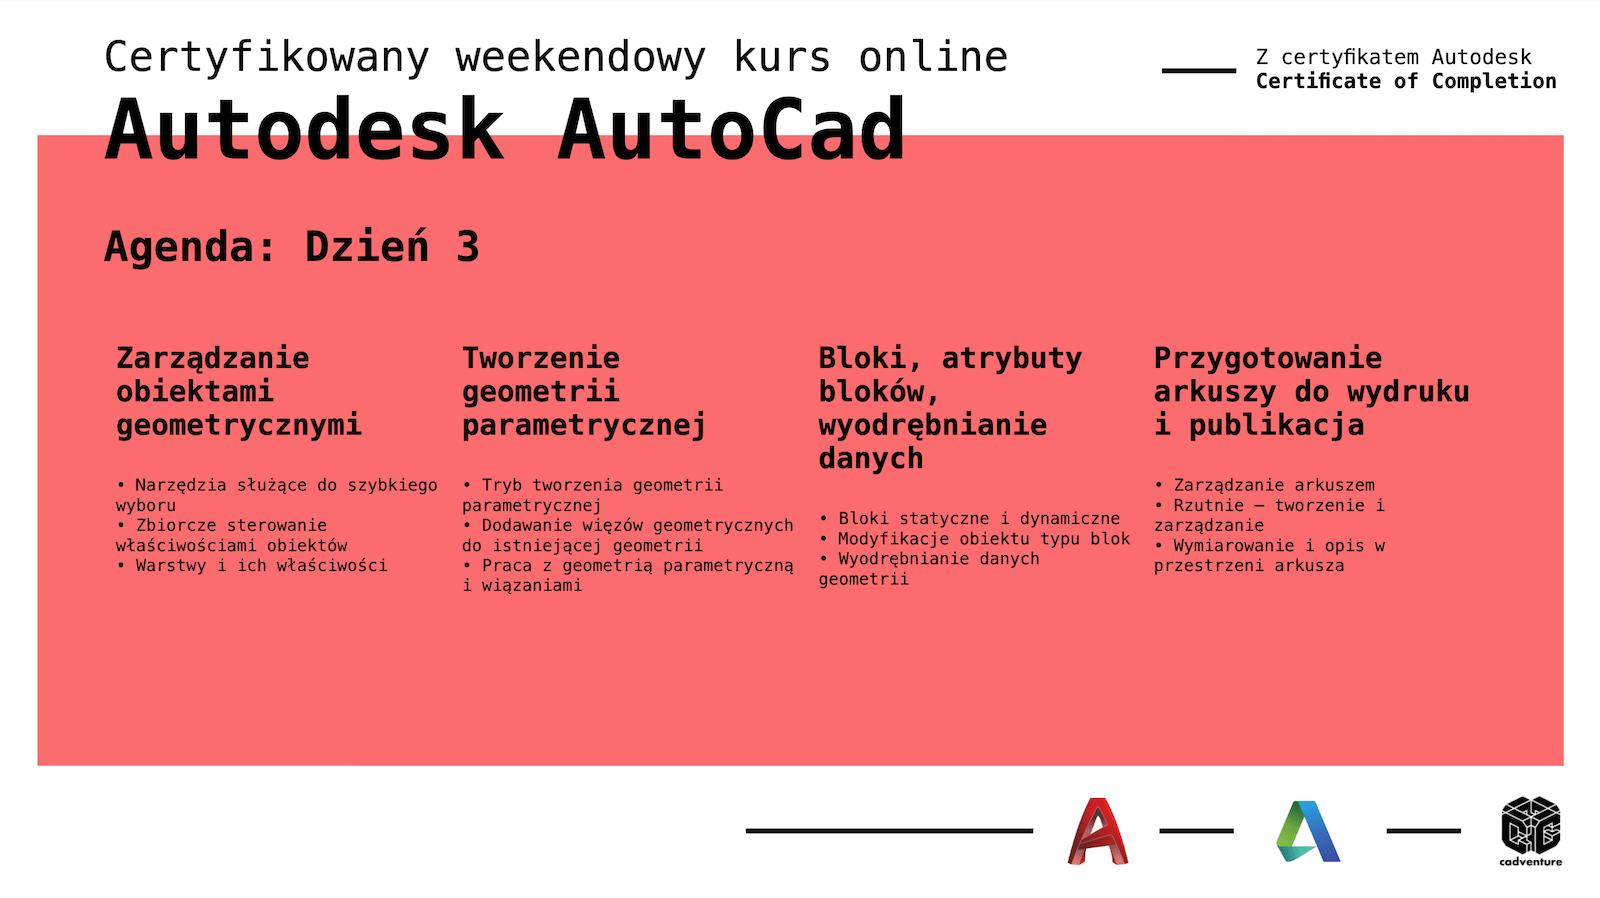 cadventure.pl - autocad - kurs - 5